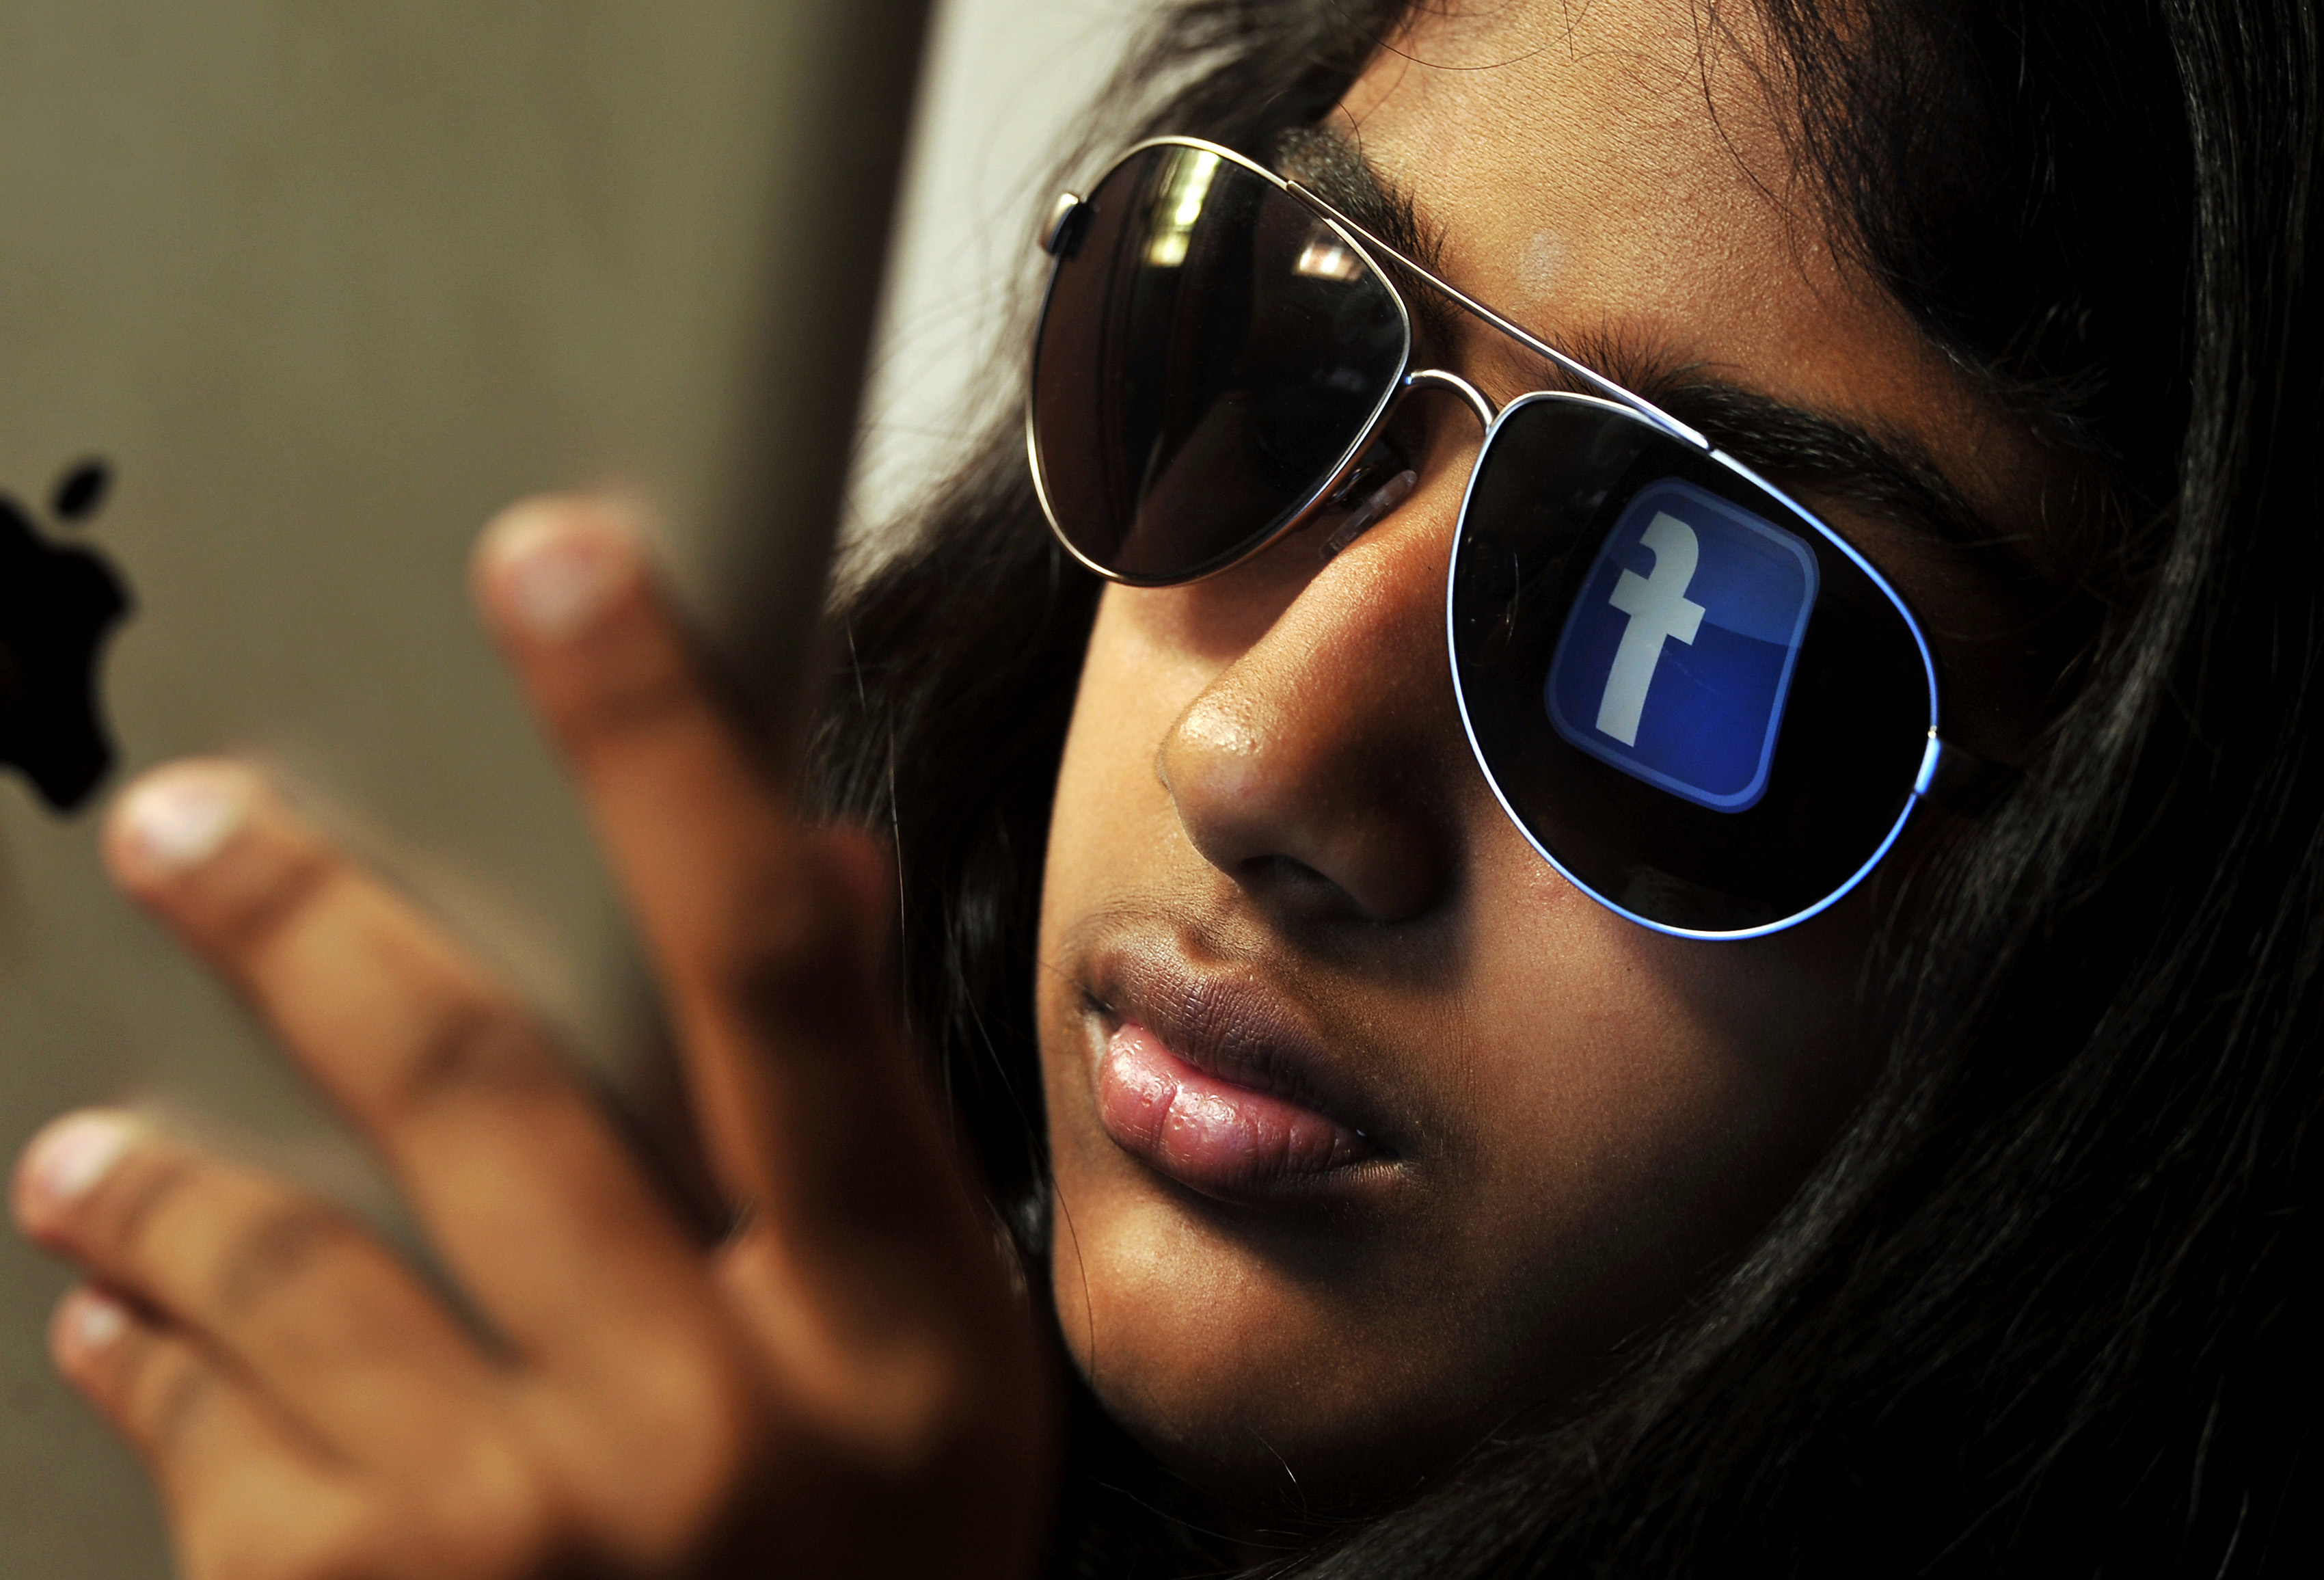 Geheime Kinderpornos auf Facebook: Warum werden sie nicht gelöscht?